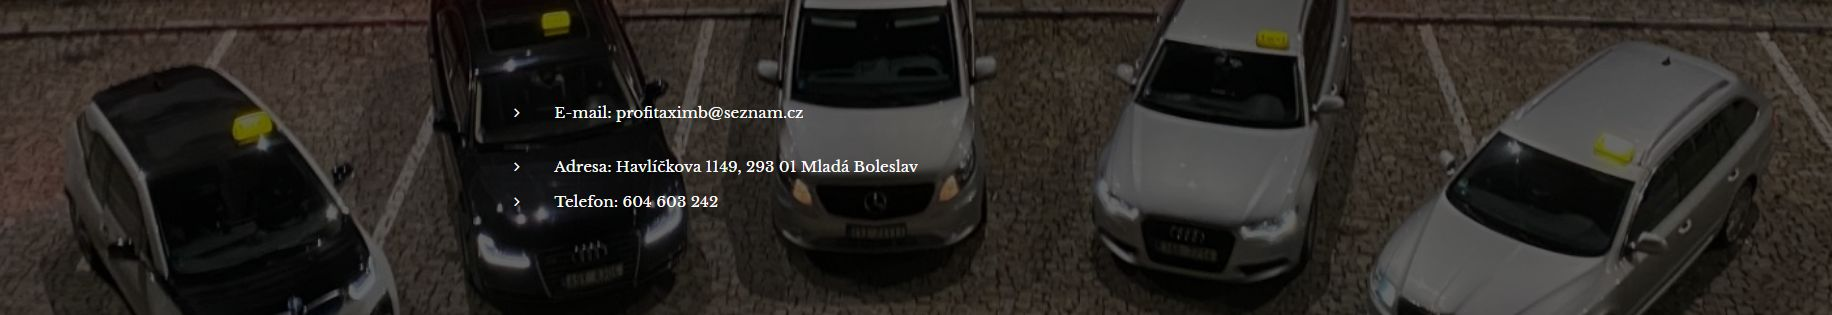 TAXI - PROFI TAXI MB - taxislužba - Taxi Mladá Boleslav